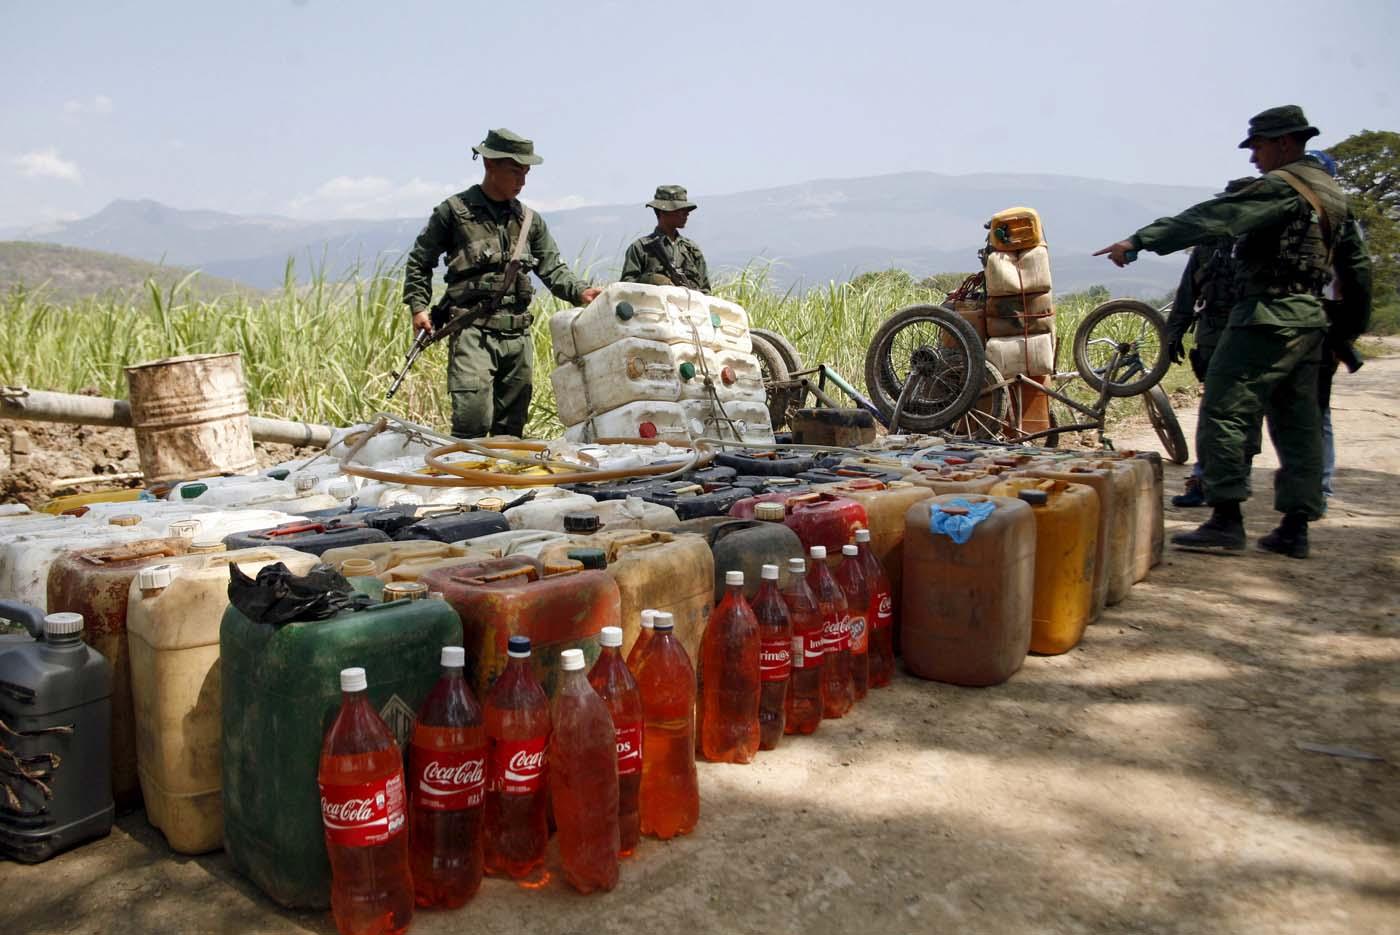 Cómo funciona el monumental contrabando de gasolina en caravana entre Venezuela y Colombia